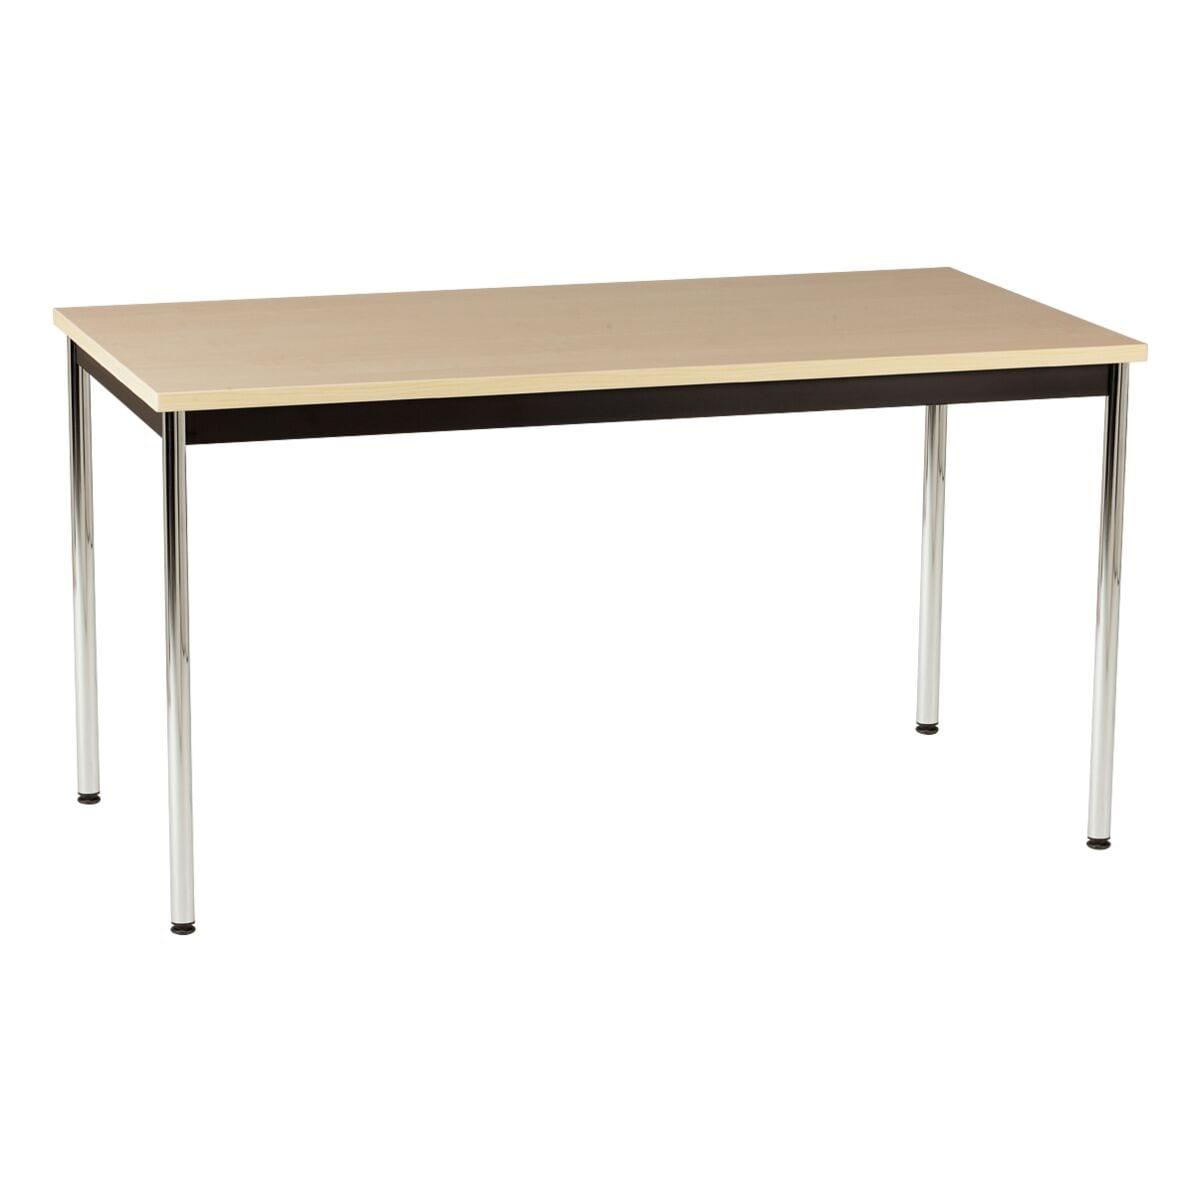 rechtecktisch mailand 140x70 cm bei otto office g nstig kaufen. Black Bedroom Furniture Sets. Home Design Ideas